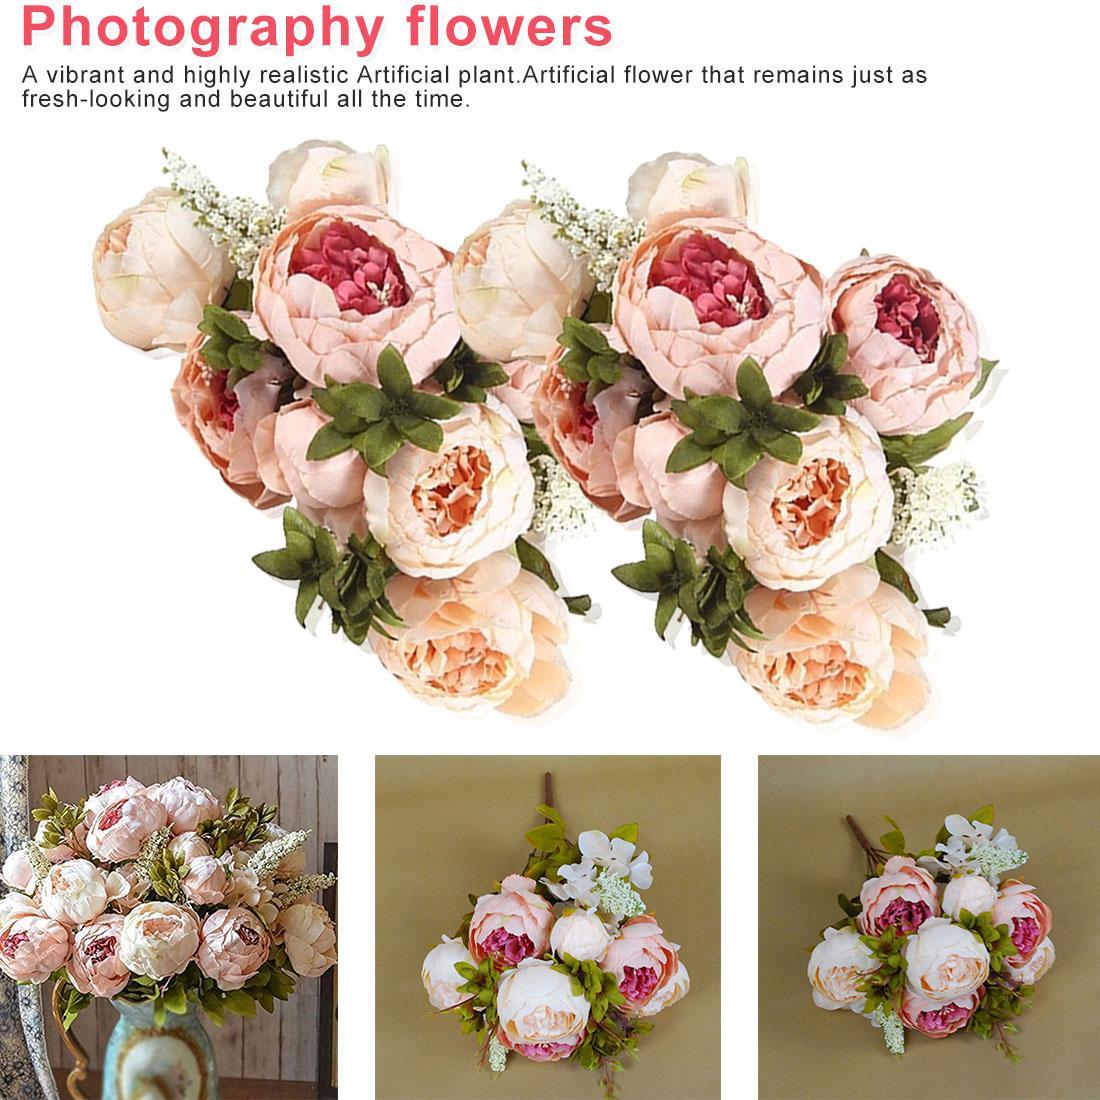 1pcs Europeia Artificial Peony decorativa do partido de seda falsos peônias flores para Home Hotel decoração DIY casamento coroa de decoração